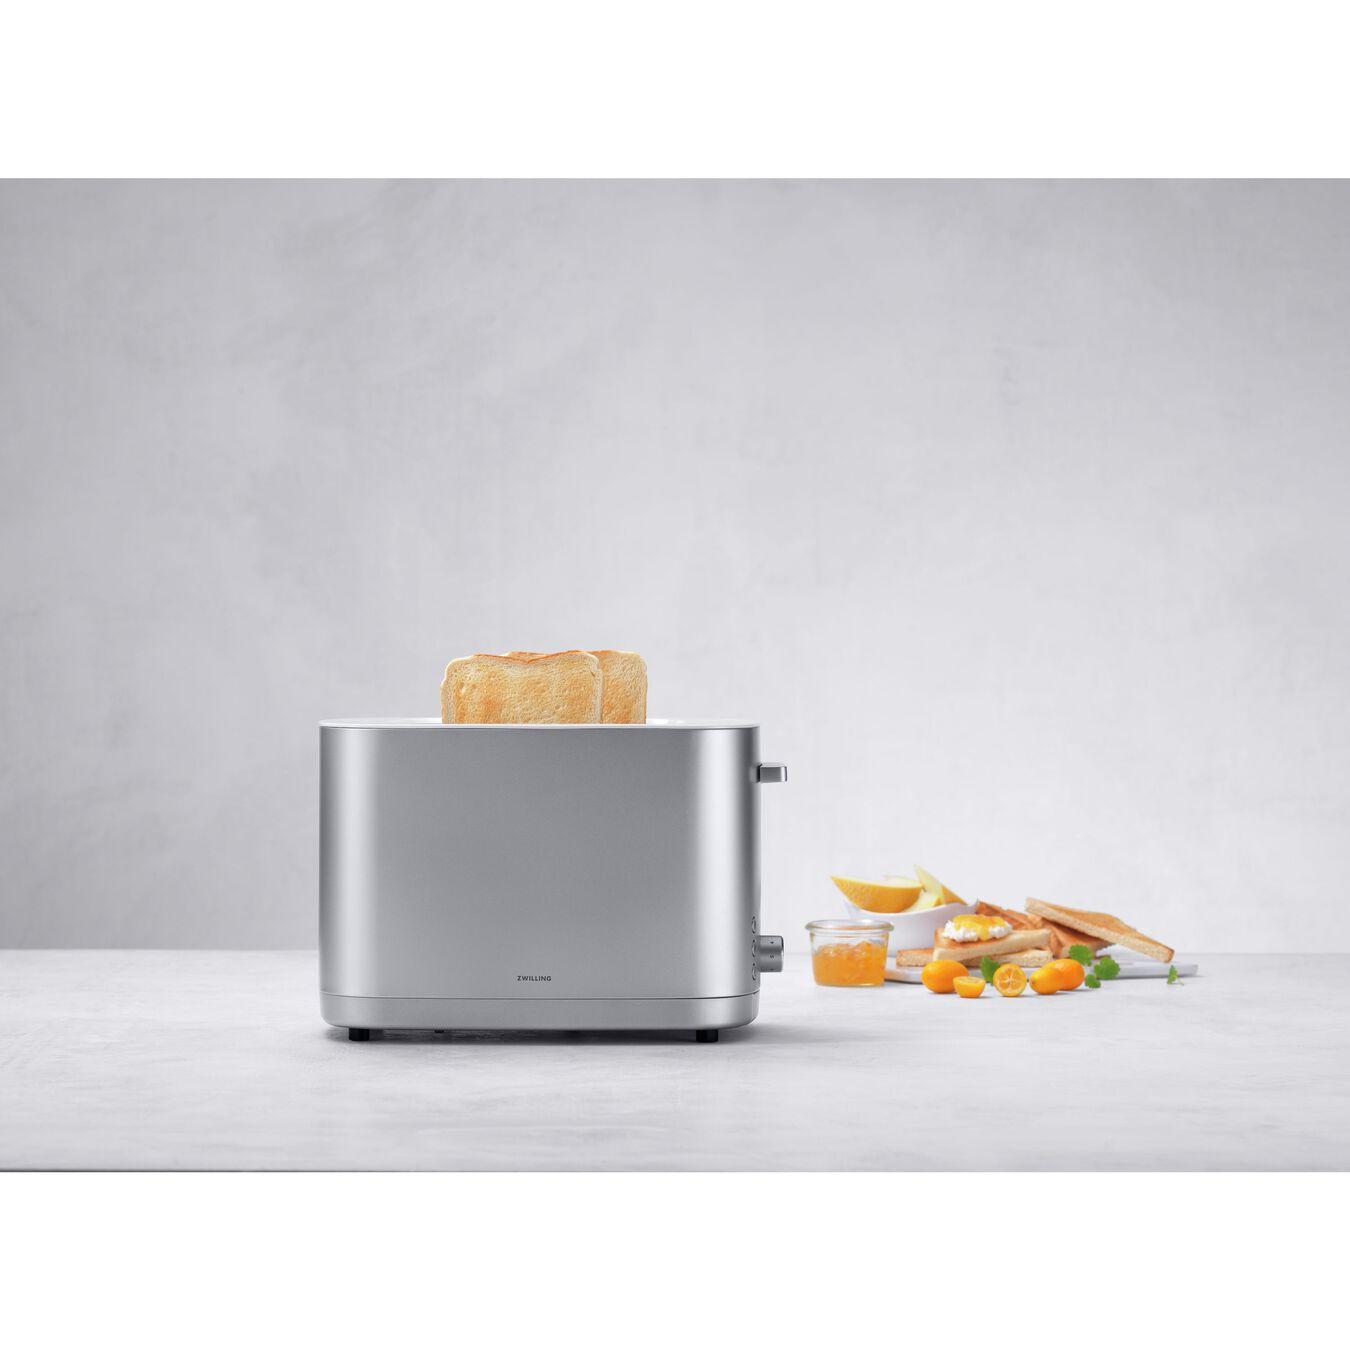 Grille pain Grille permettant de réchauffer des petits-pains, 2 fentes 2 tranches, Argent,,large 3